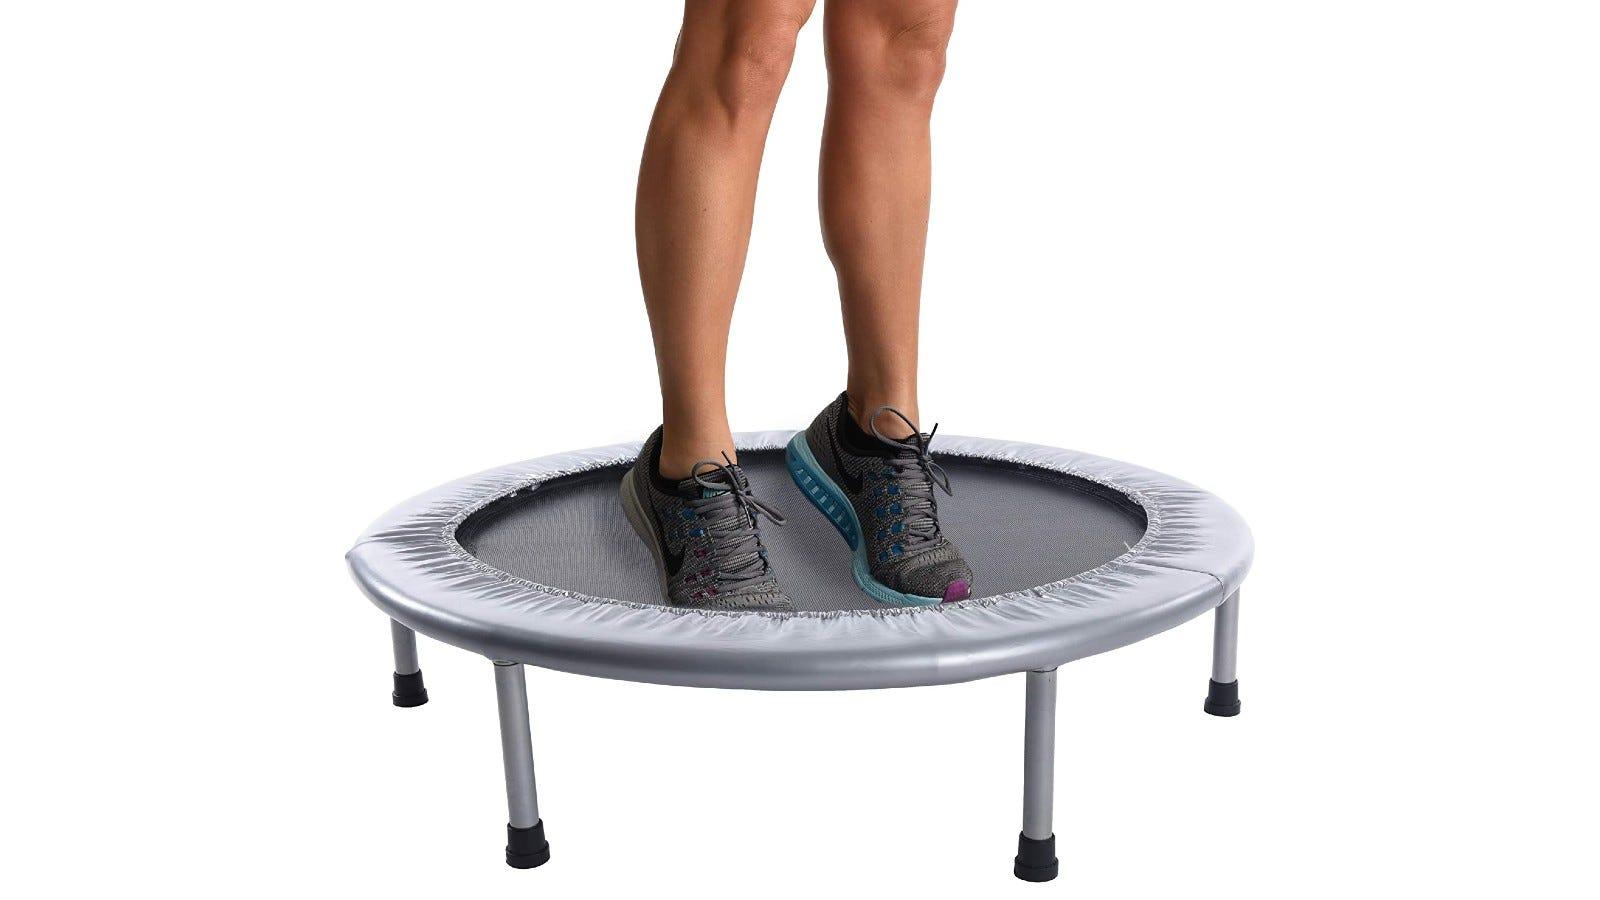 a person's legs on a gray mini trampoline